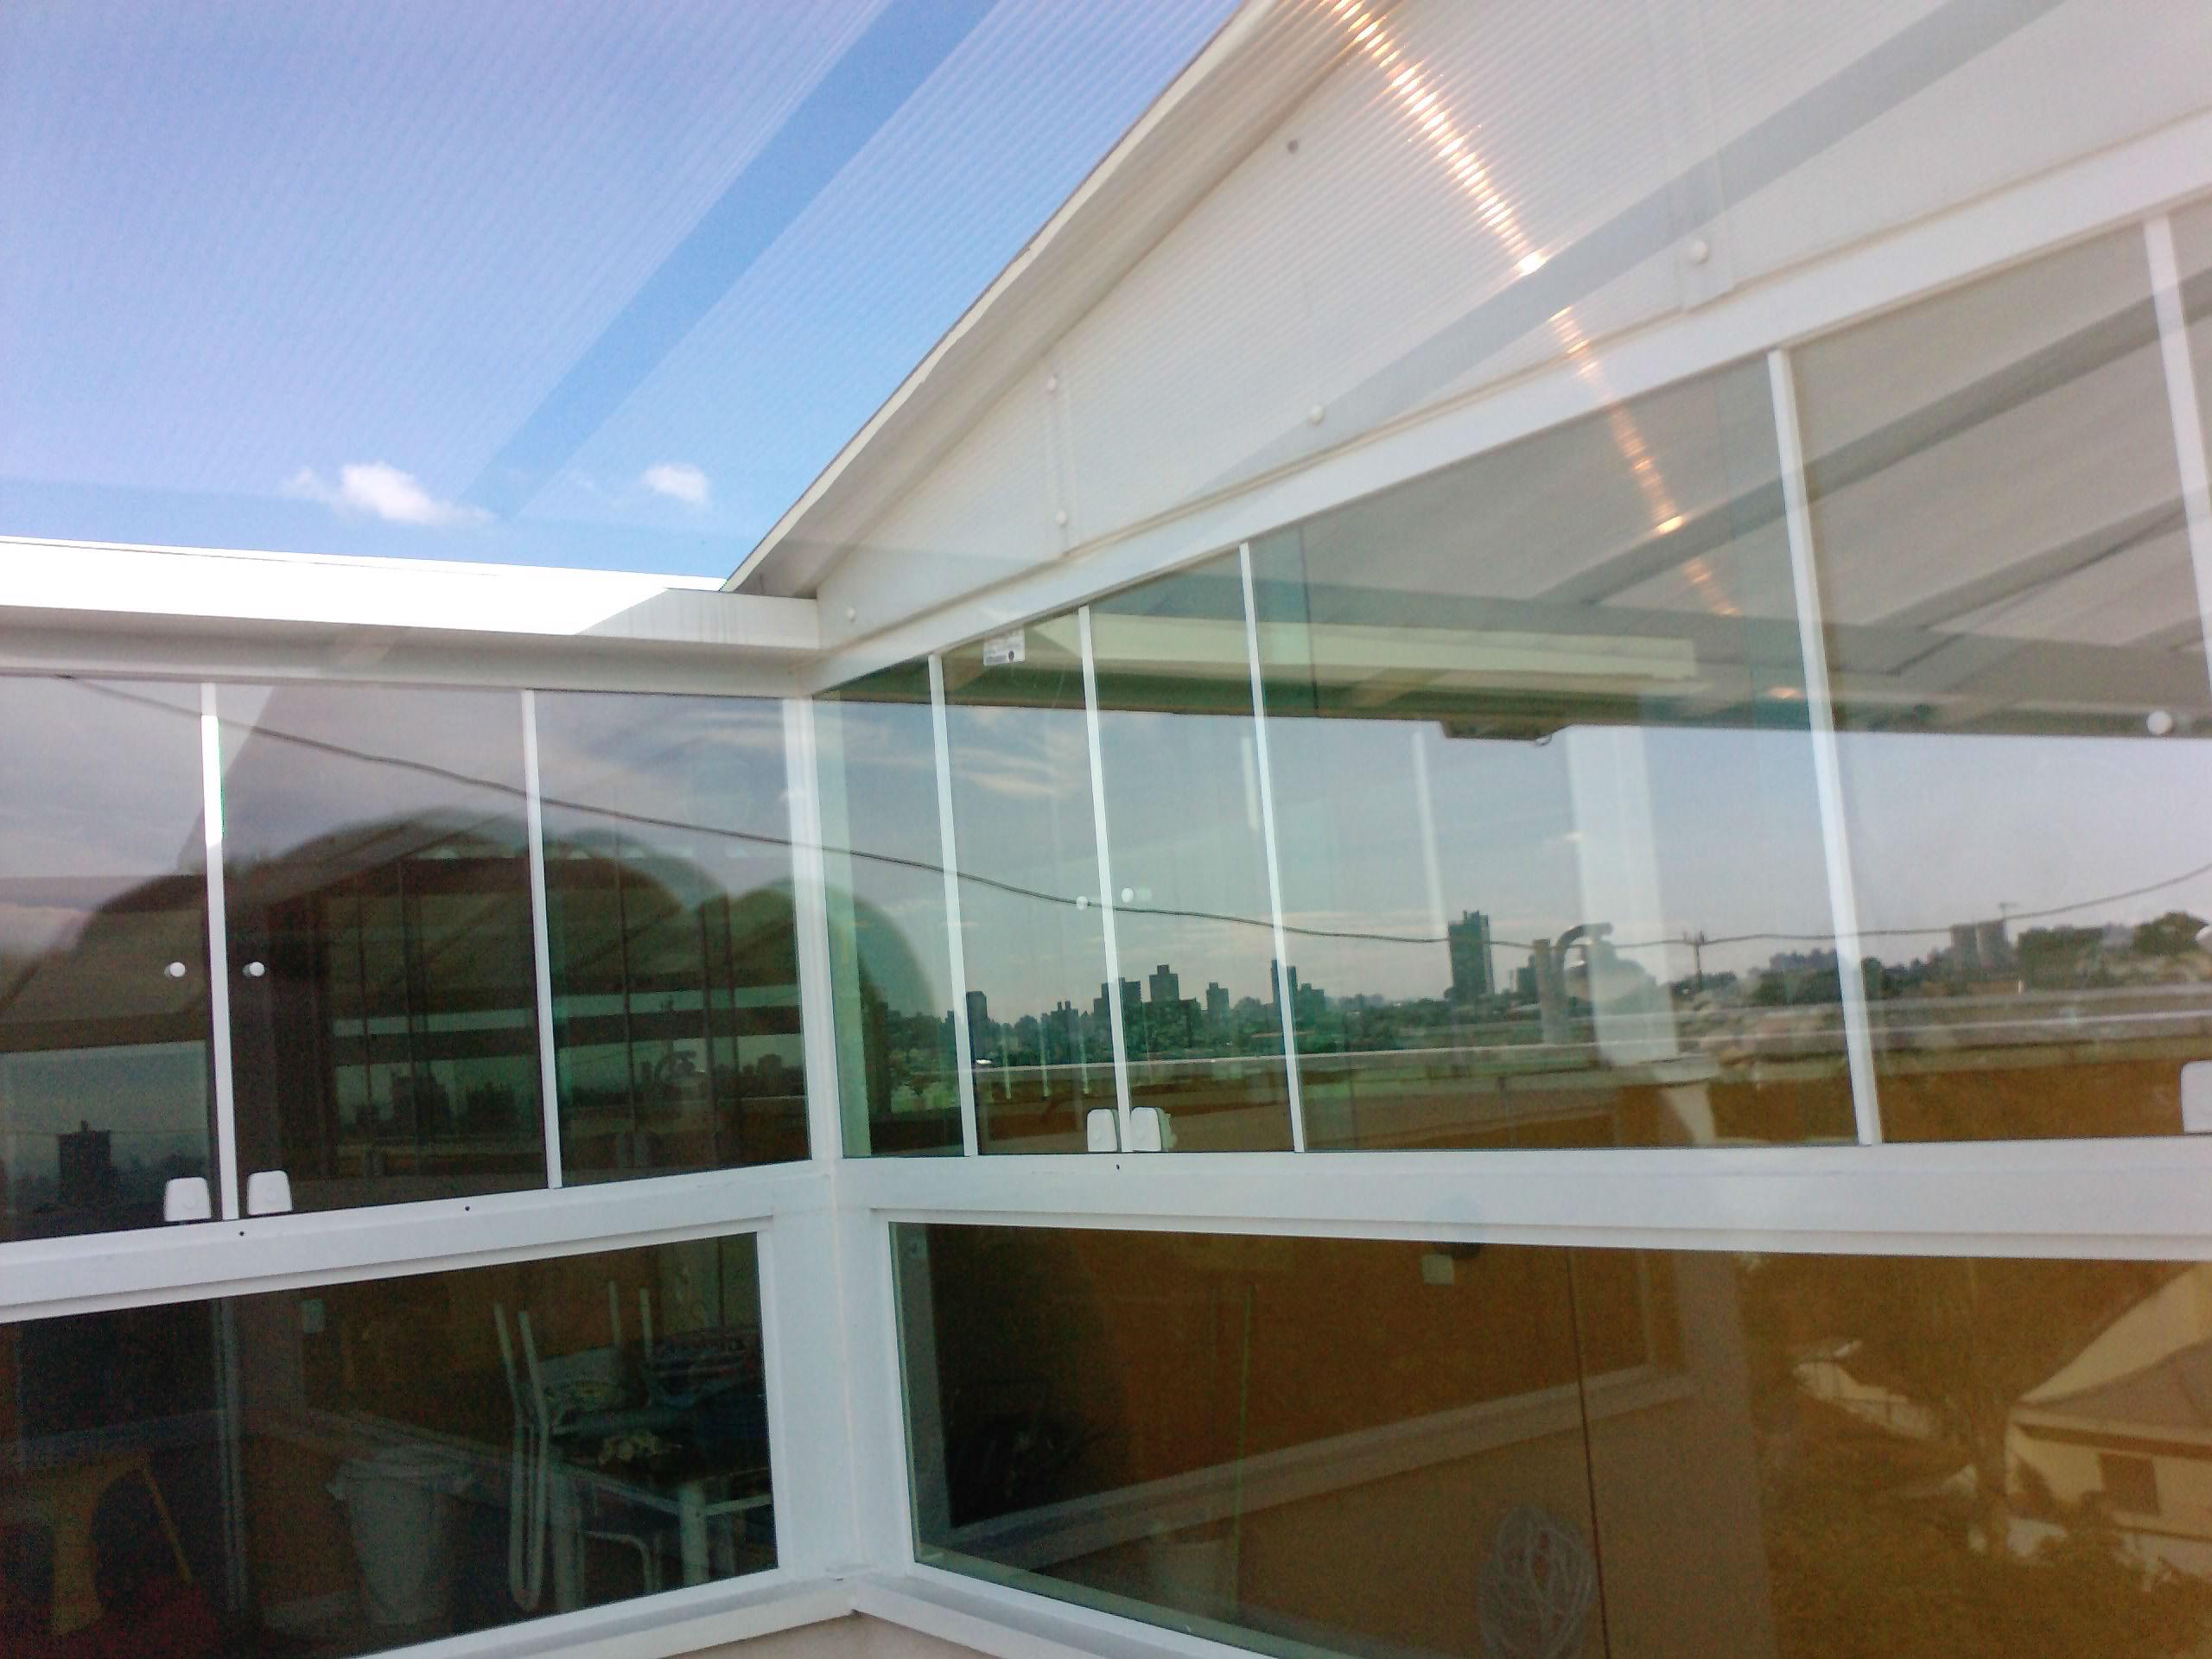 #5F431C Fechamento de área com vidros fixos   janelas de correr em vidro  122 Janelas De Vidro Fixo